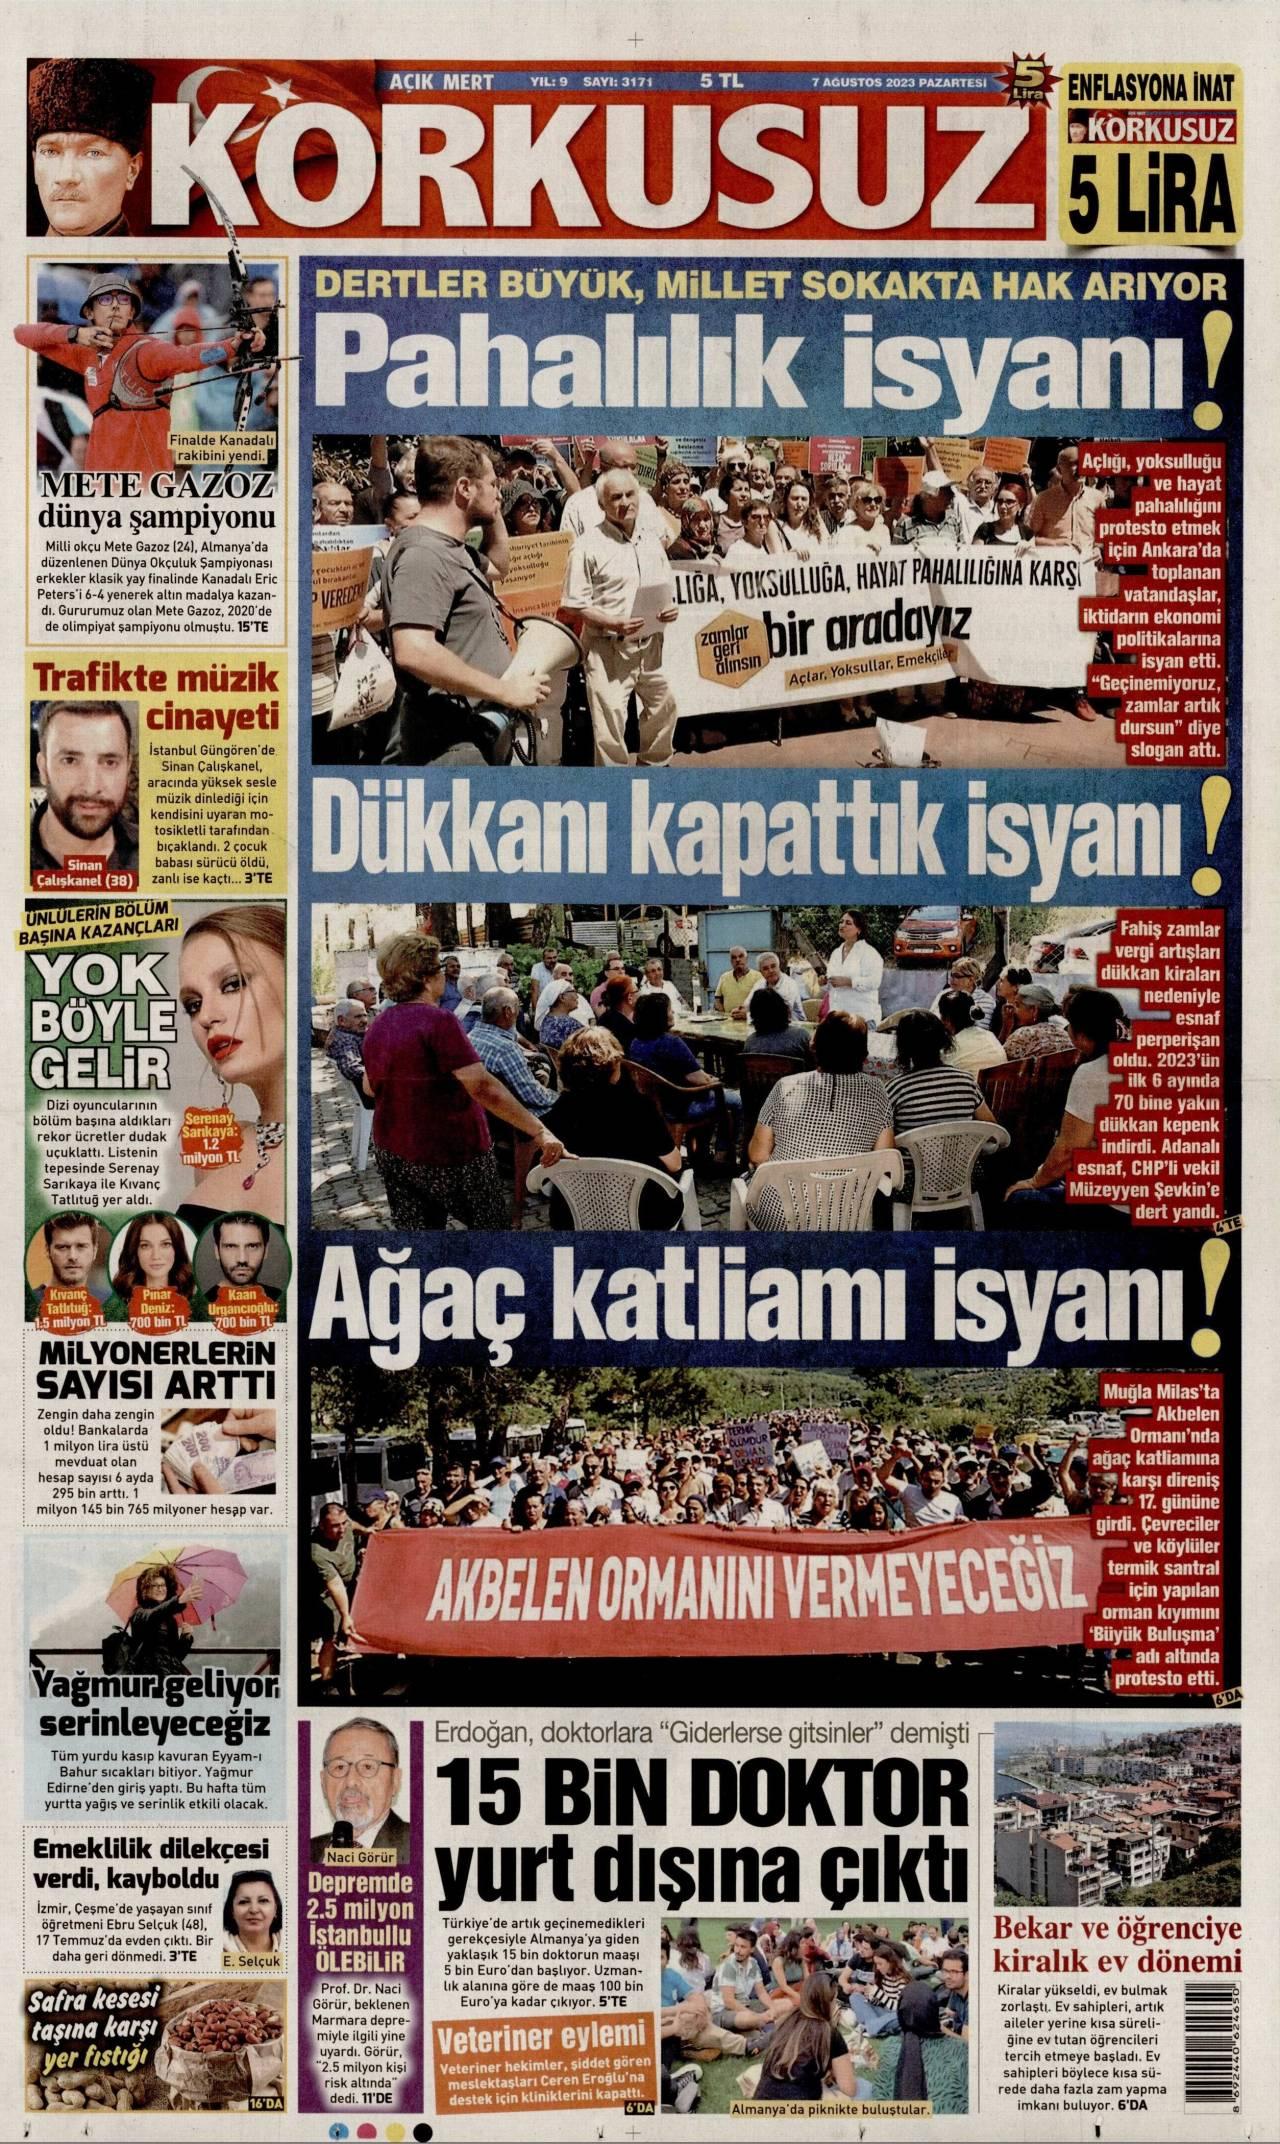 23.10.2017 tarihli Korkusuz gazetesinin 1. sayfası